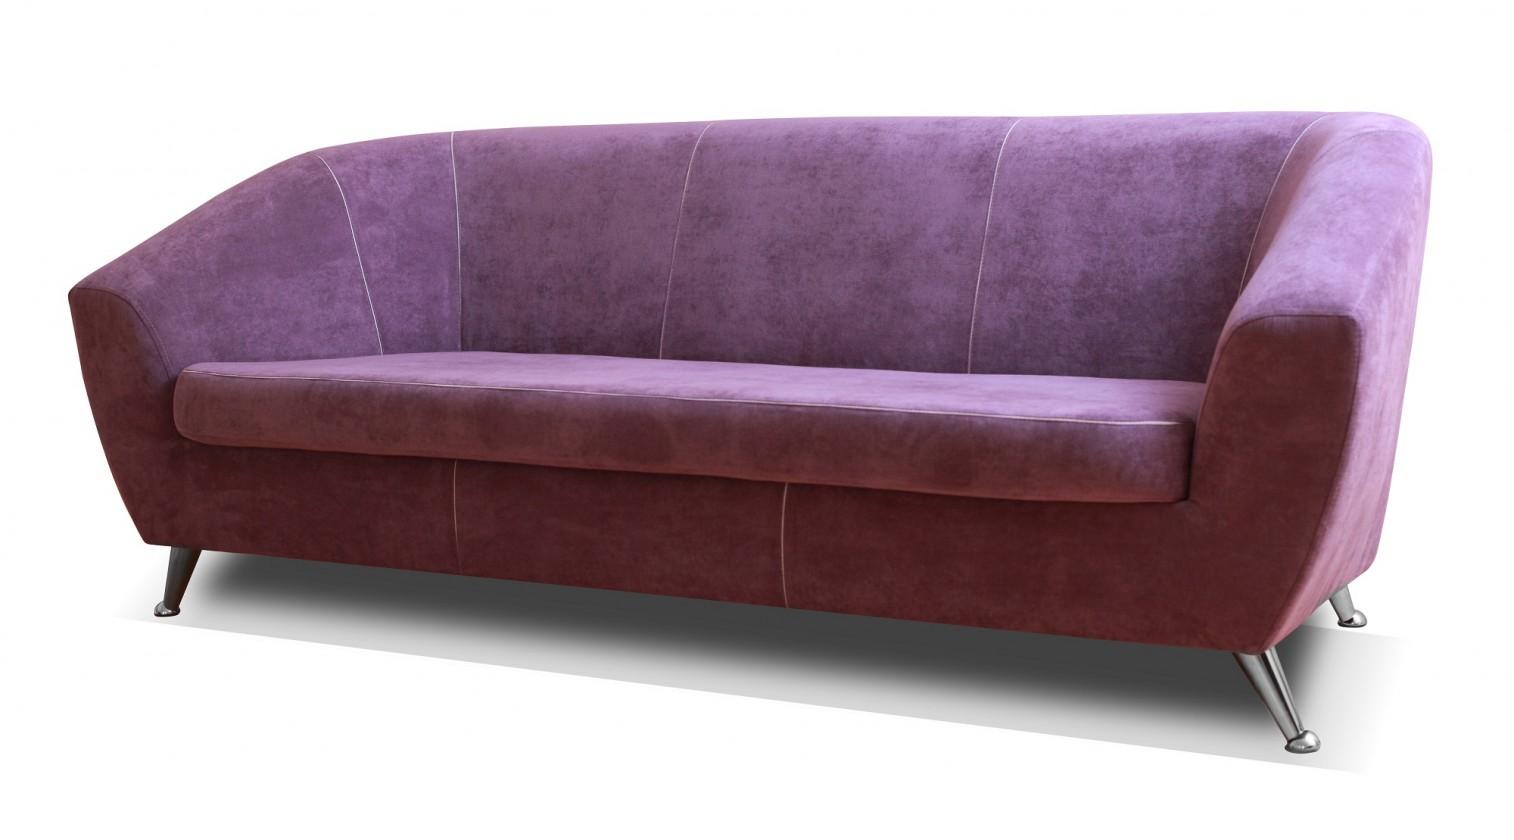 Zlevněné sedací soupravy Trojsedák Lira fialová - II. jakost